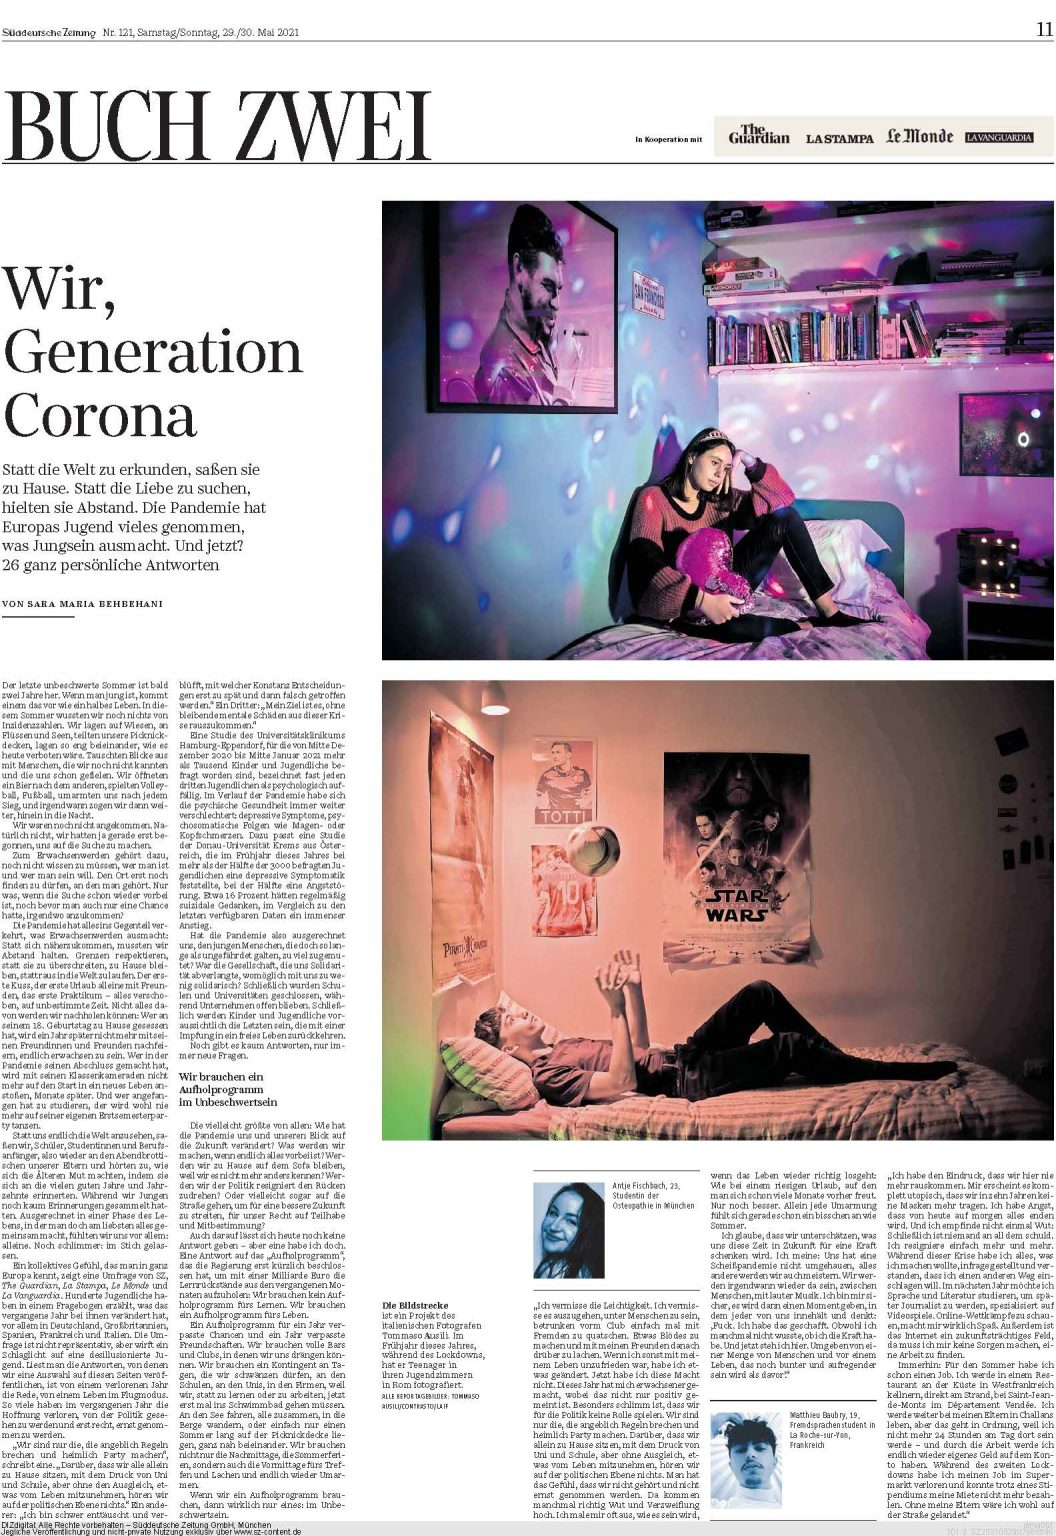 Süddeutsche Zeitung, May 2021